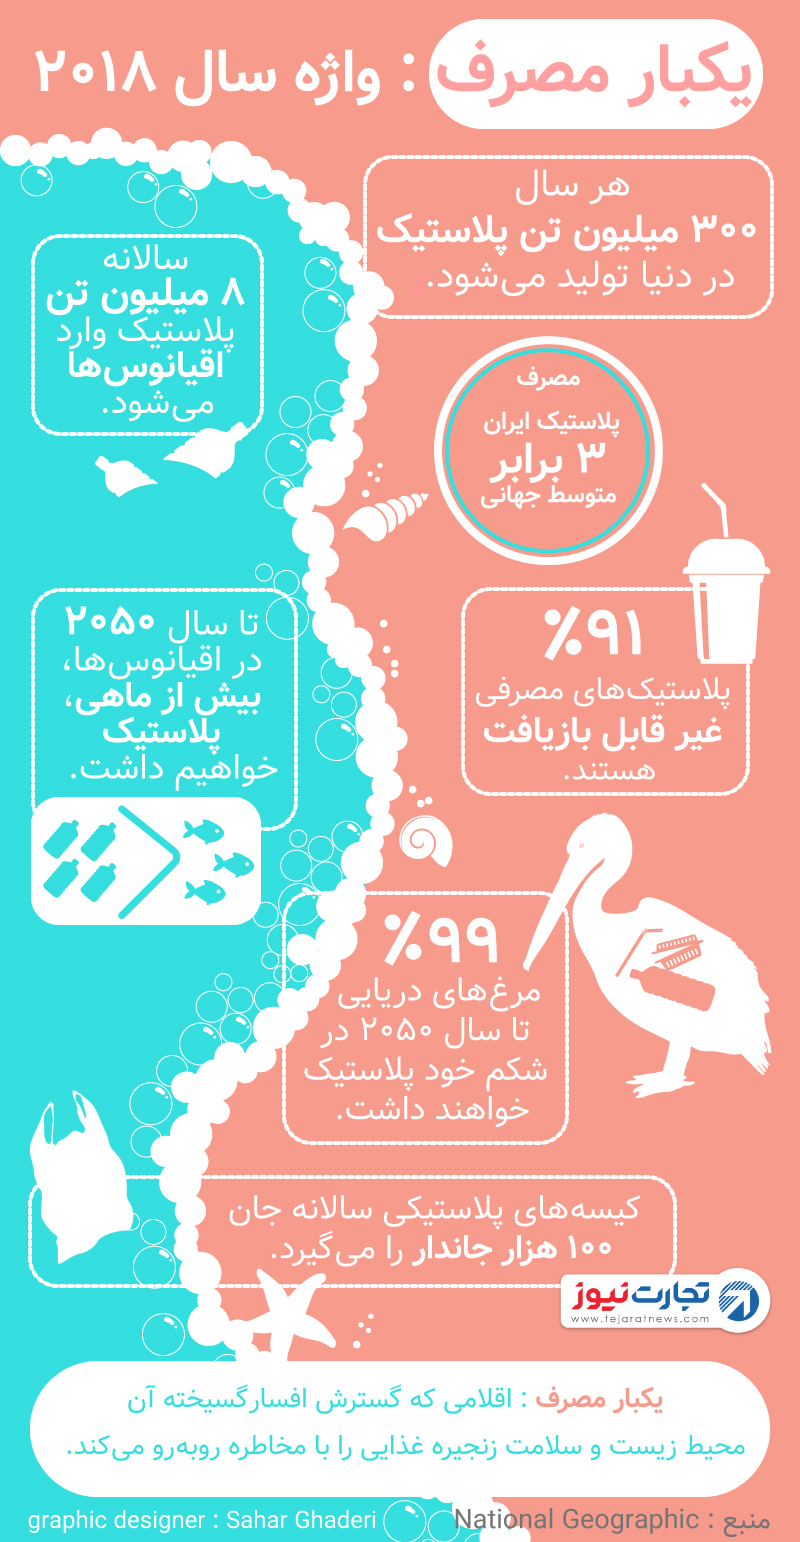 بحران آلودگی پلاستیک در اقیانوسها